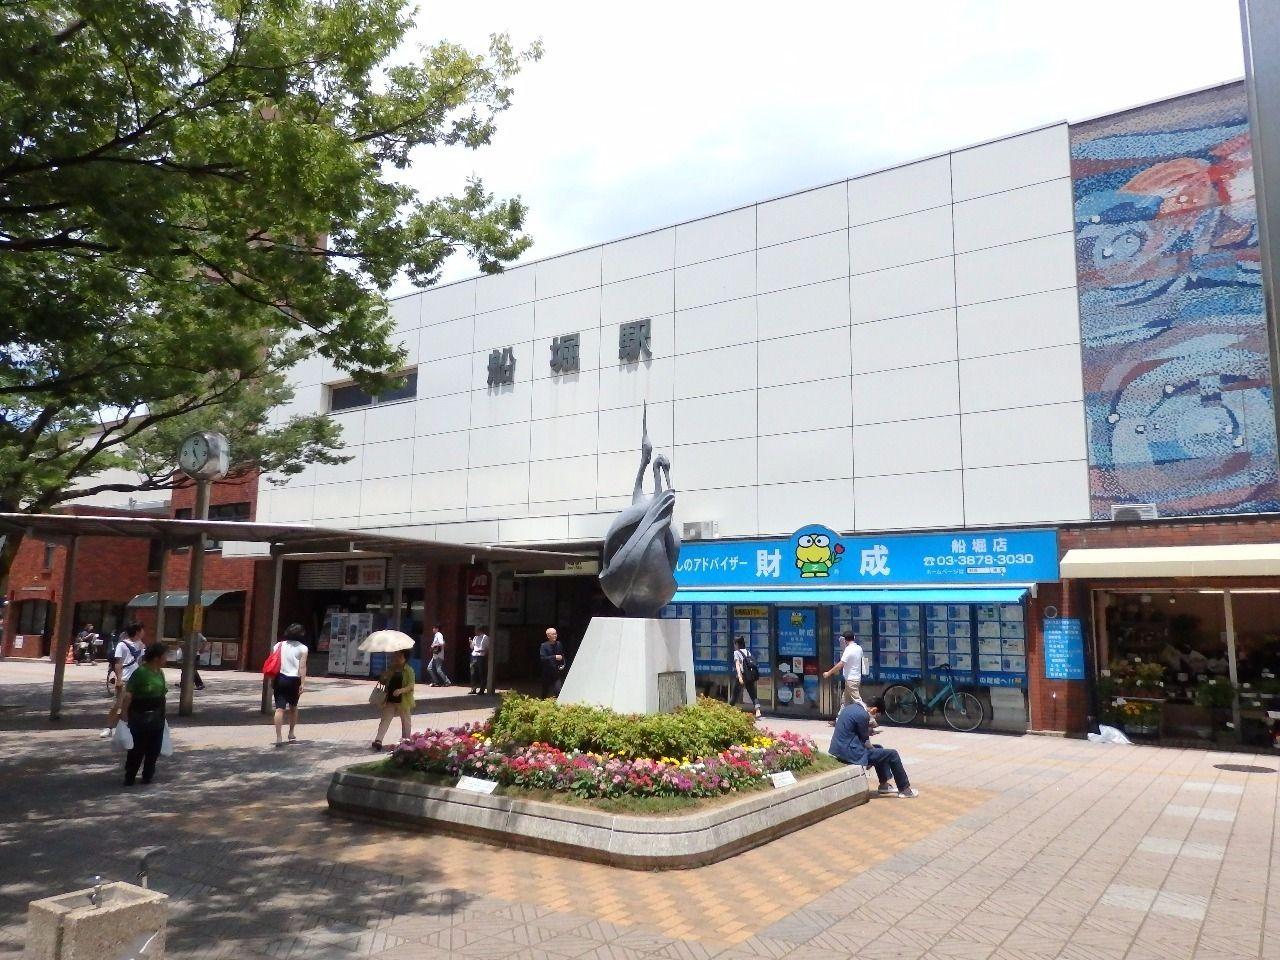 人気急上昇中のベットタウン船堀駅。都心までも30分以内で移動できます。